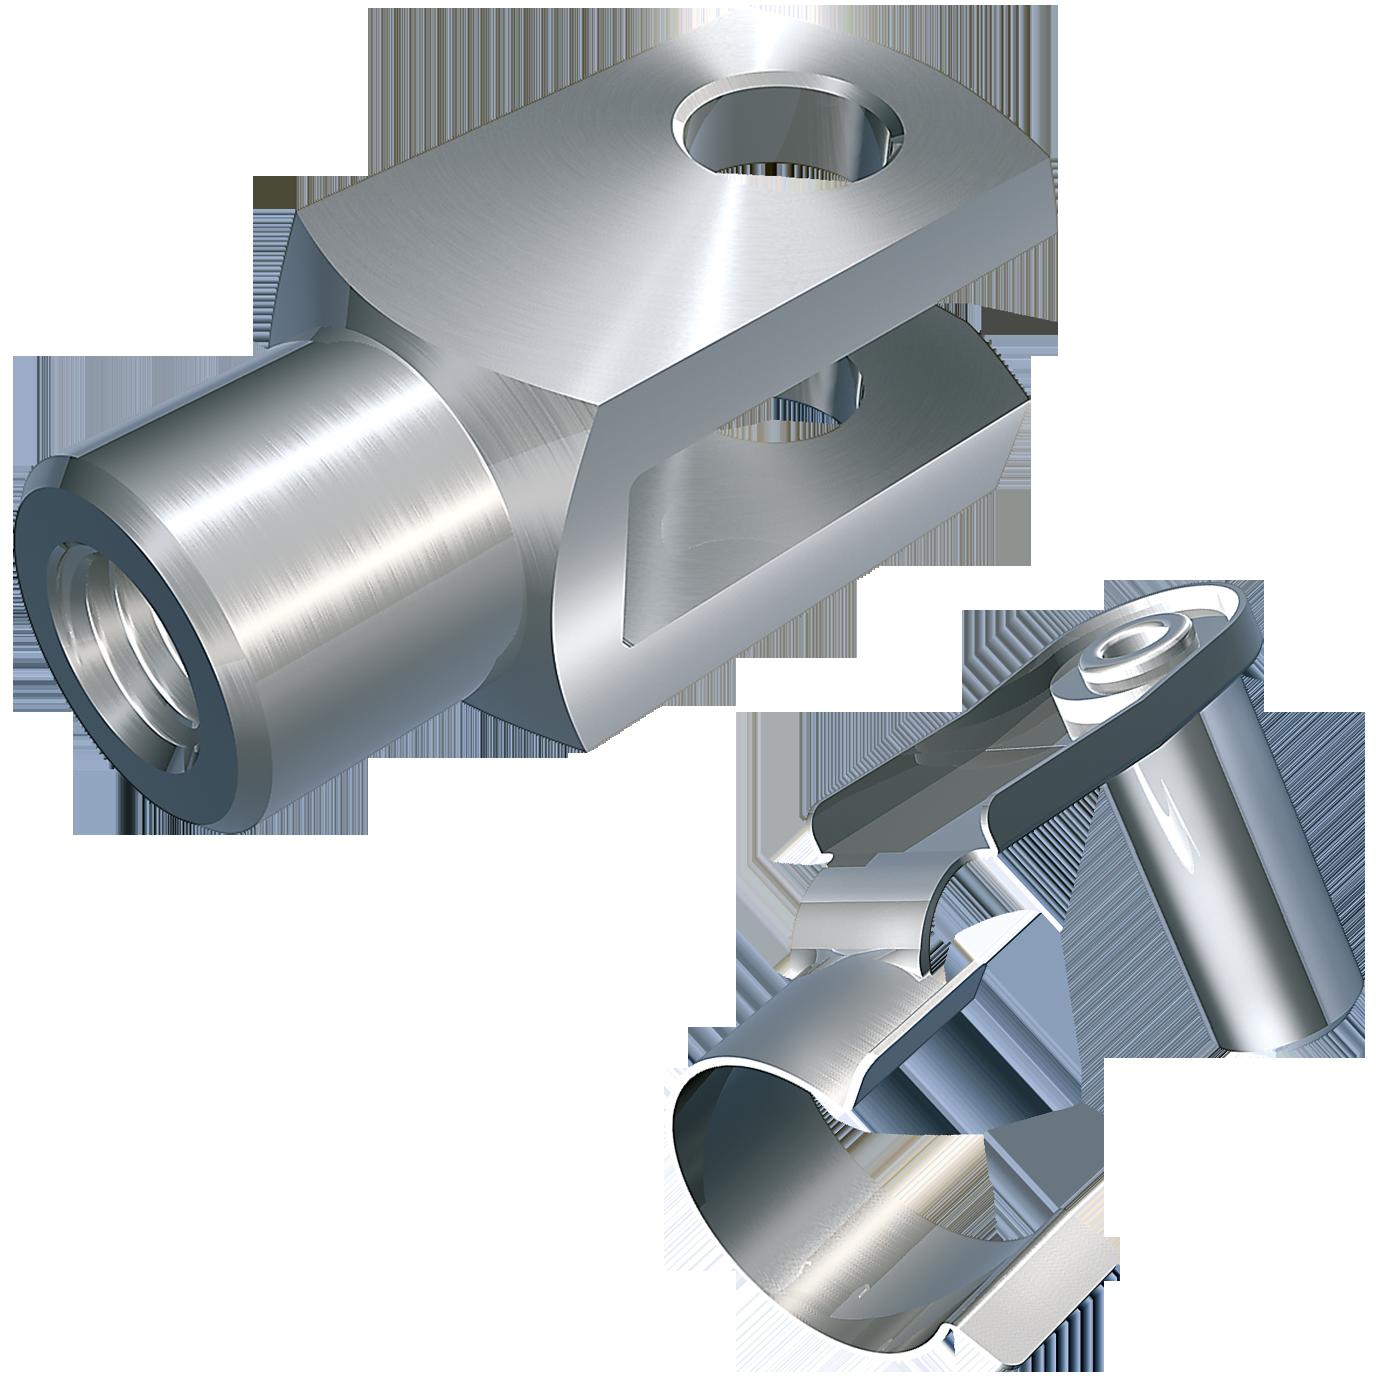 mbo Oßwald ist Hersteller von Gabelgelenk, Gabelgelenken, mbo-Norm AFKB, lose, bestehend aus Gabelkopf, Gabelköpfe, Gabelkoepfe, nach DIN 71752, DIN ISO 8140, CETOP RP102P und Federklappbolzen. Wir fertigen diese aus Stahl, 1.0718 bzw. die Federklappbolzen-Feder aus Federstahl.